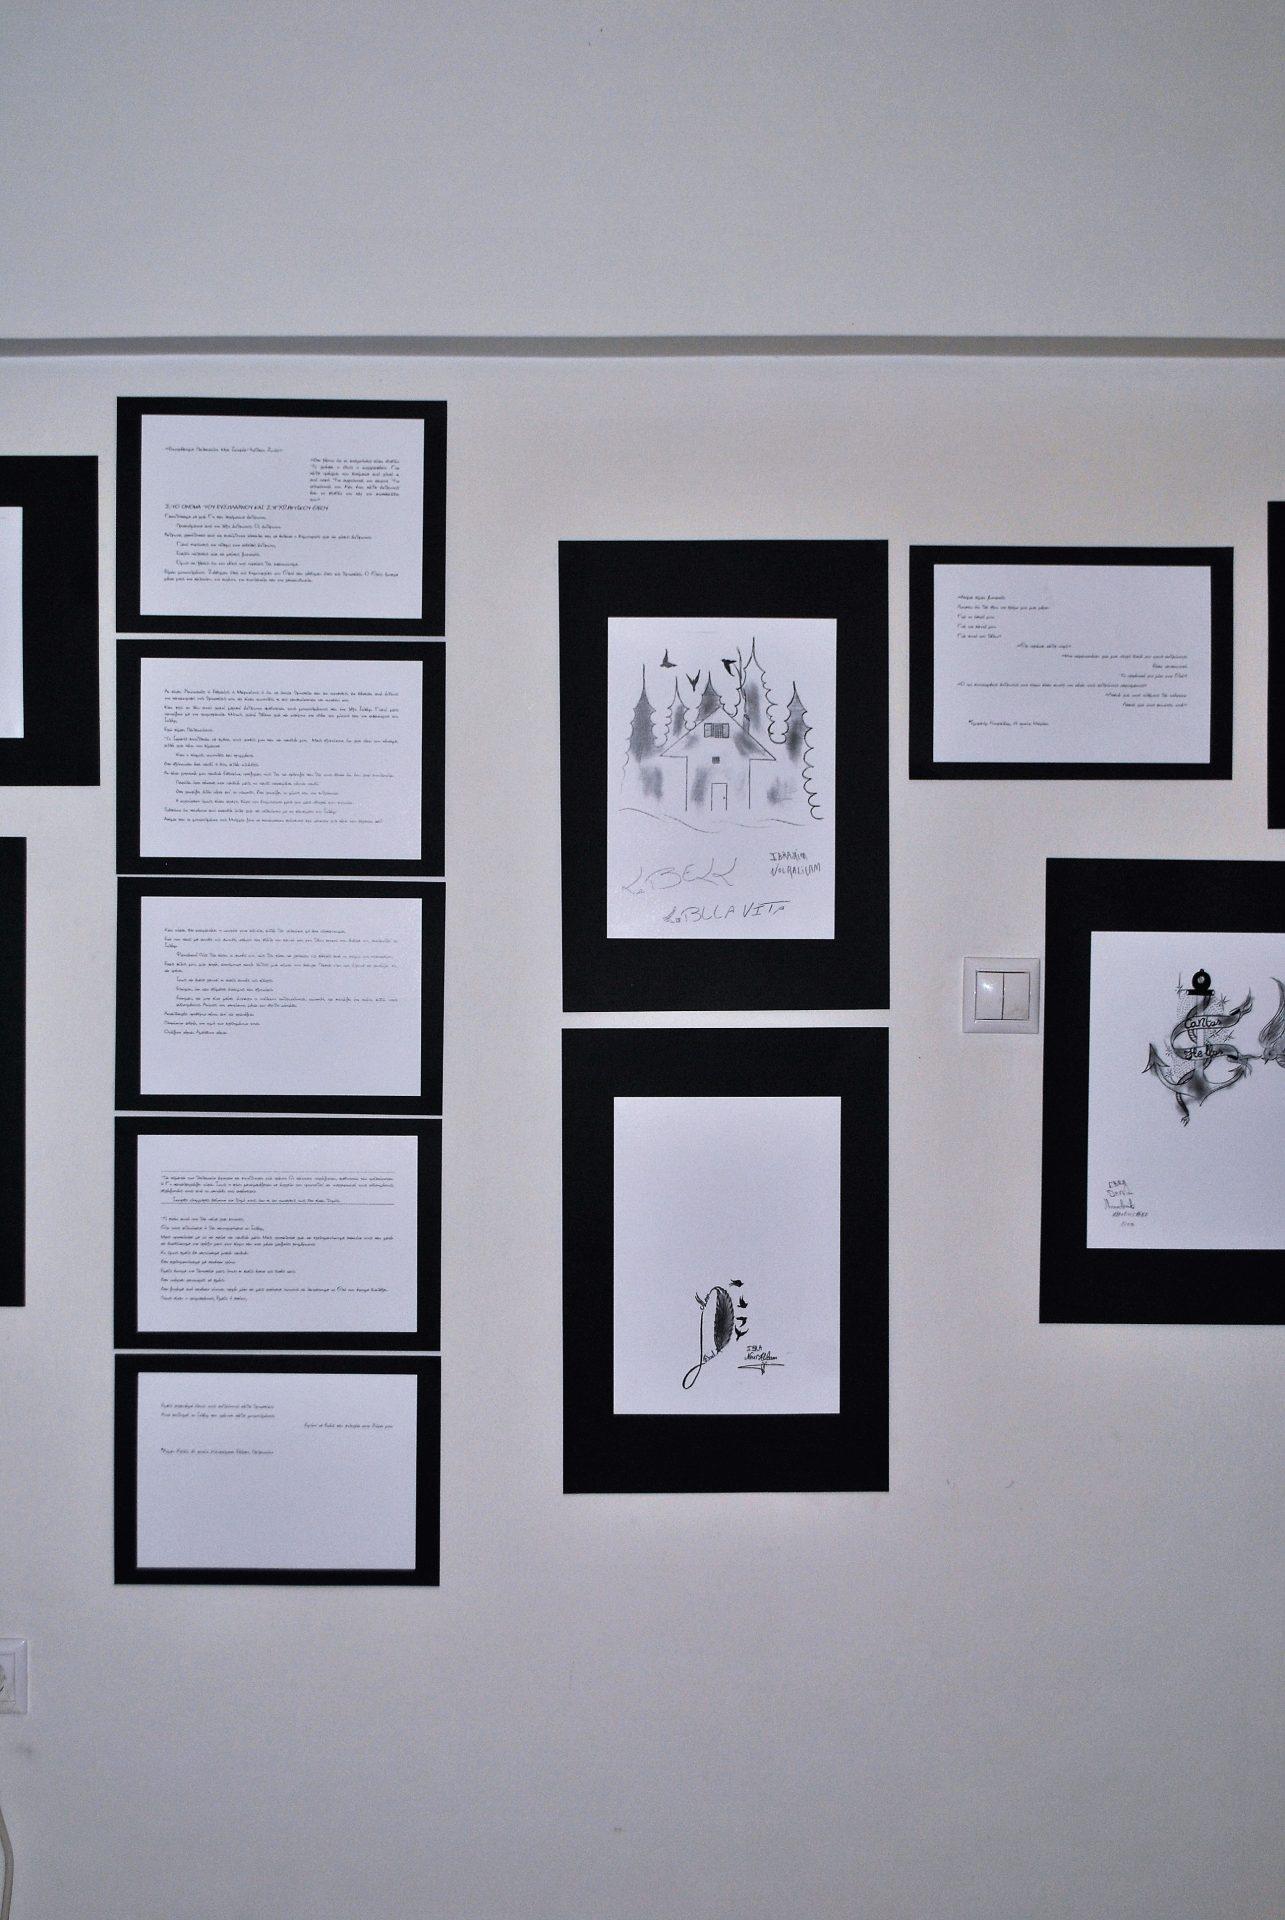 Εκδήλωση για την Έκθεση «Άσπρο-Μαύρο» στη Θεσσαλονίκη